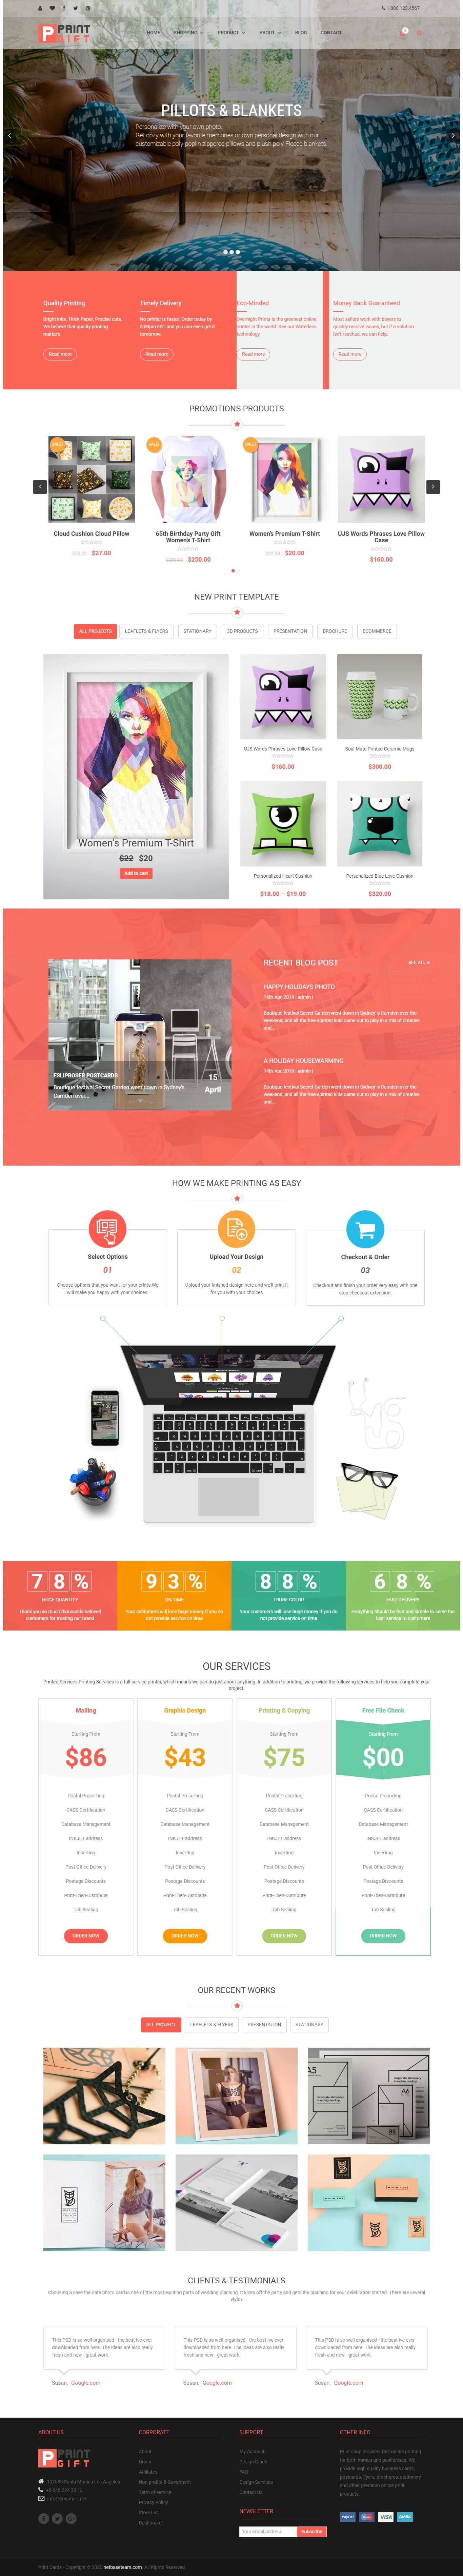 Homepage 4